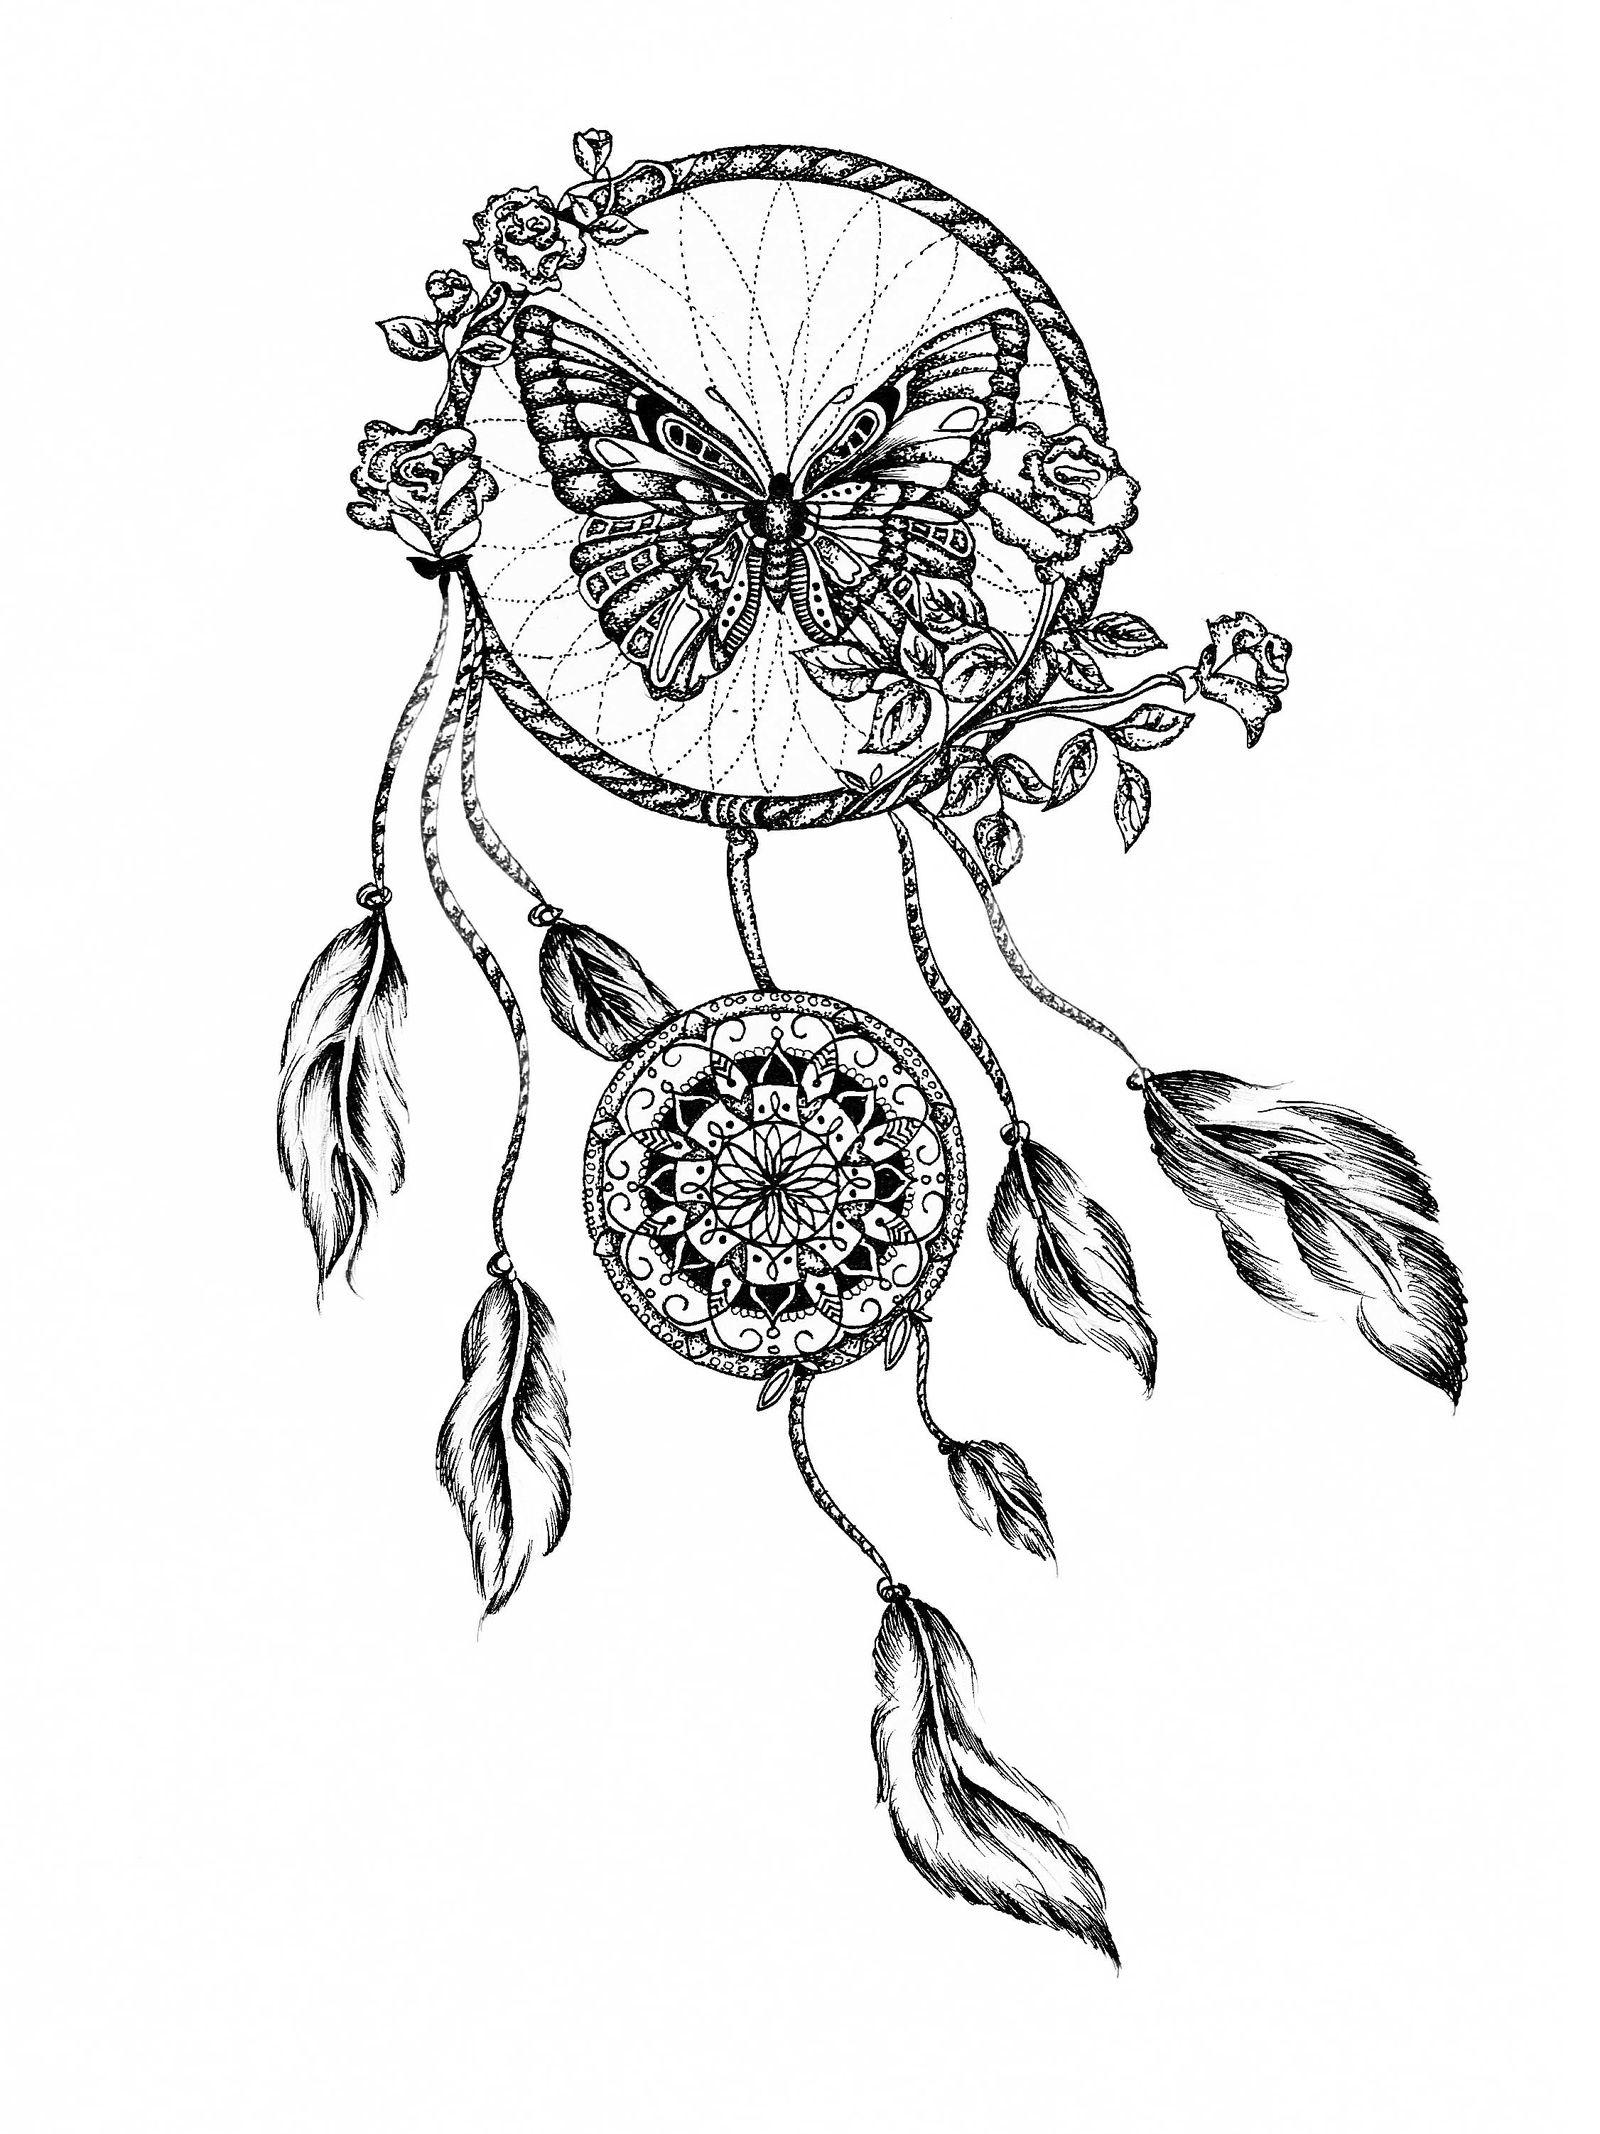 Filtro Dos Sonhos Desenho Pesquisa Google Tattoos Ideas